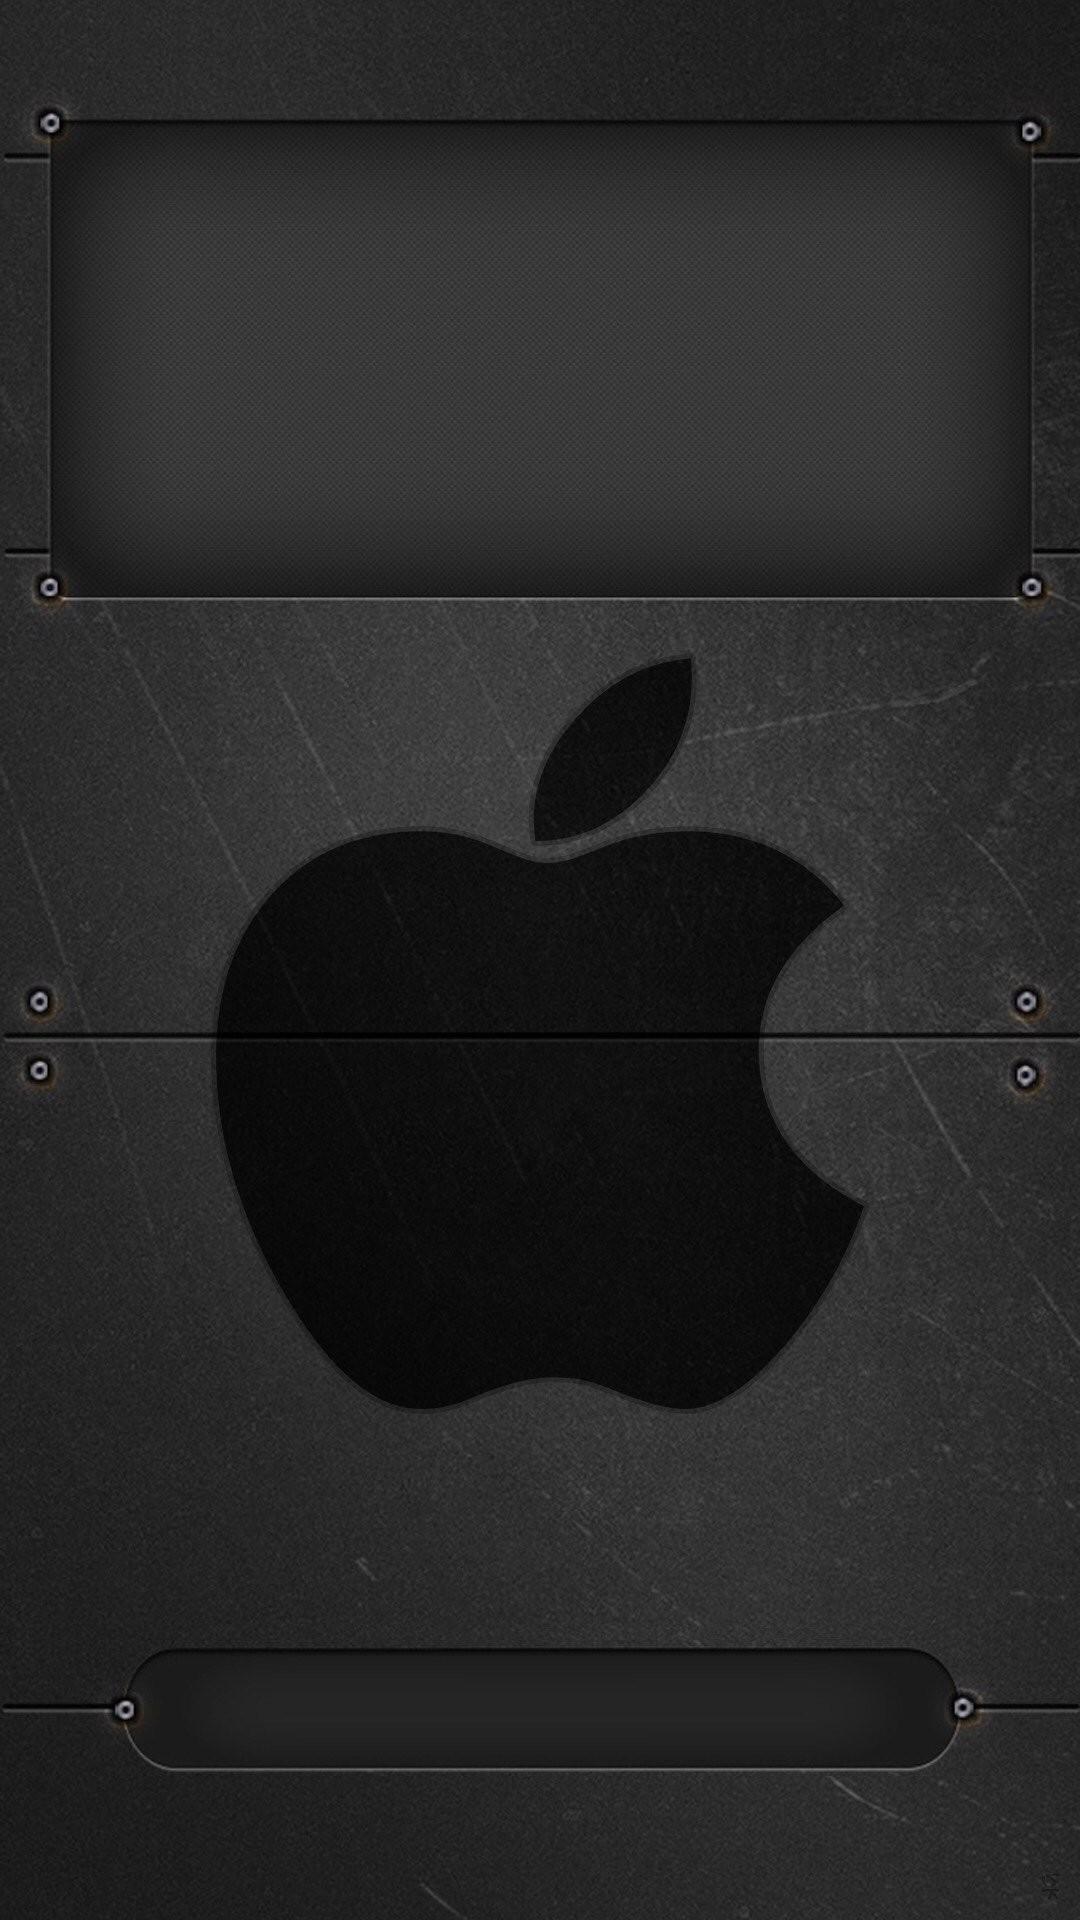 Logo phone background